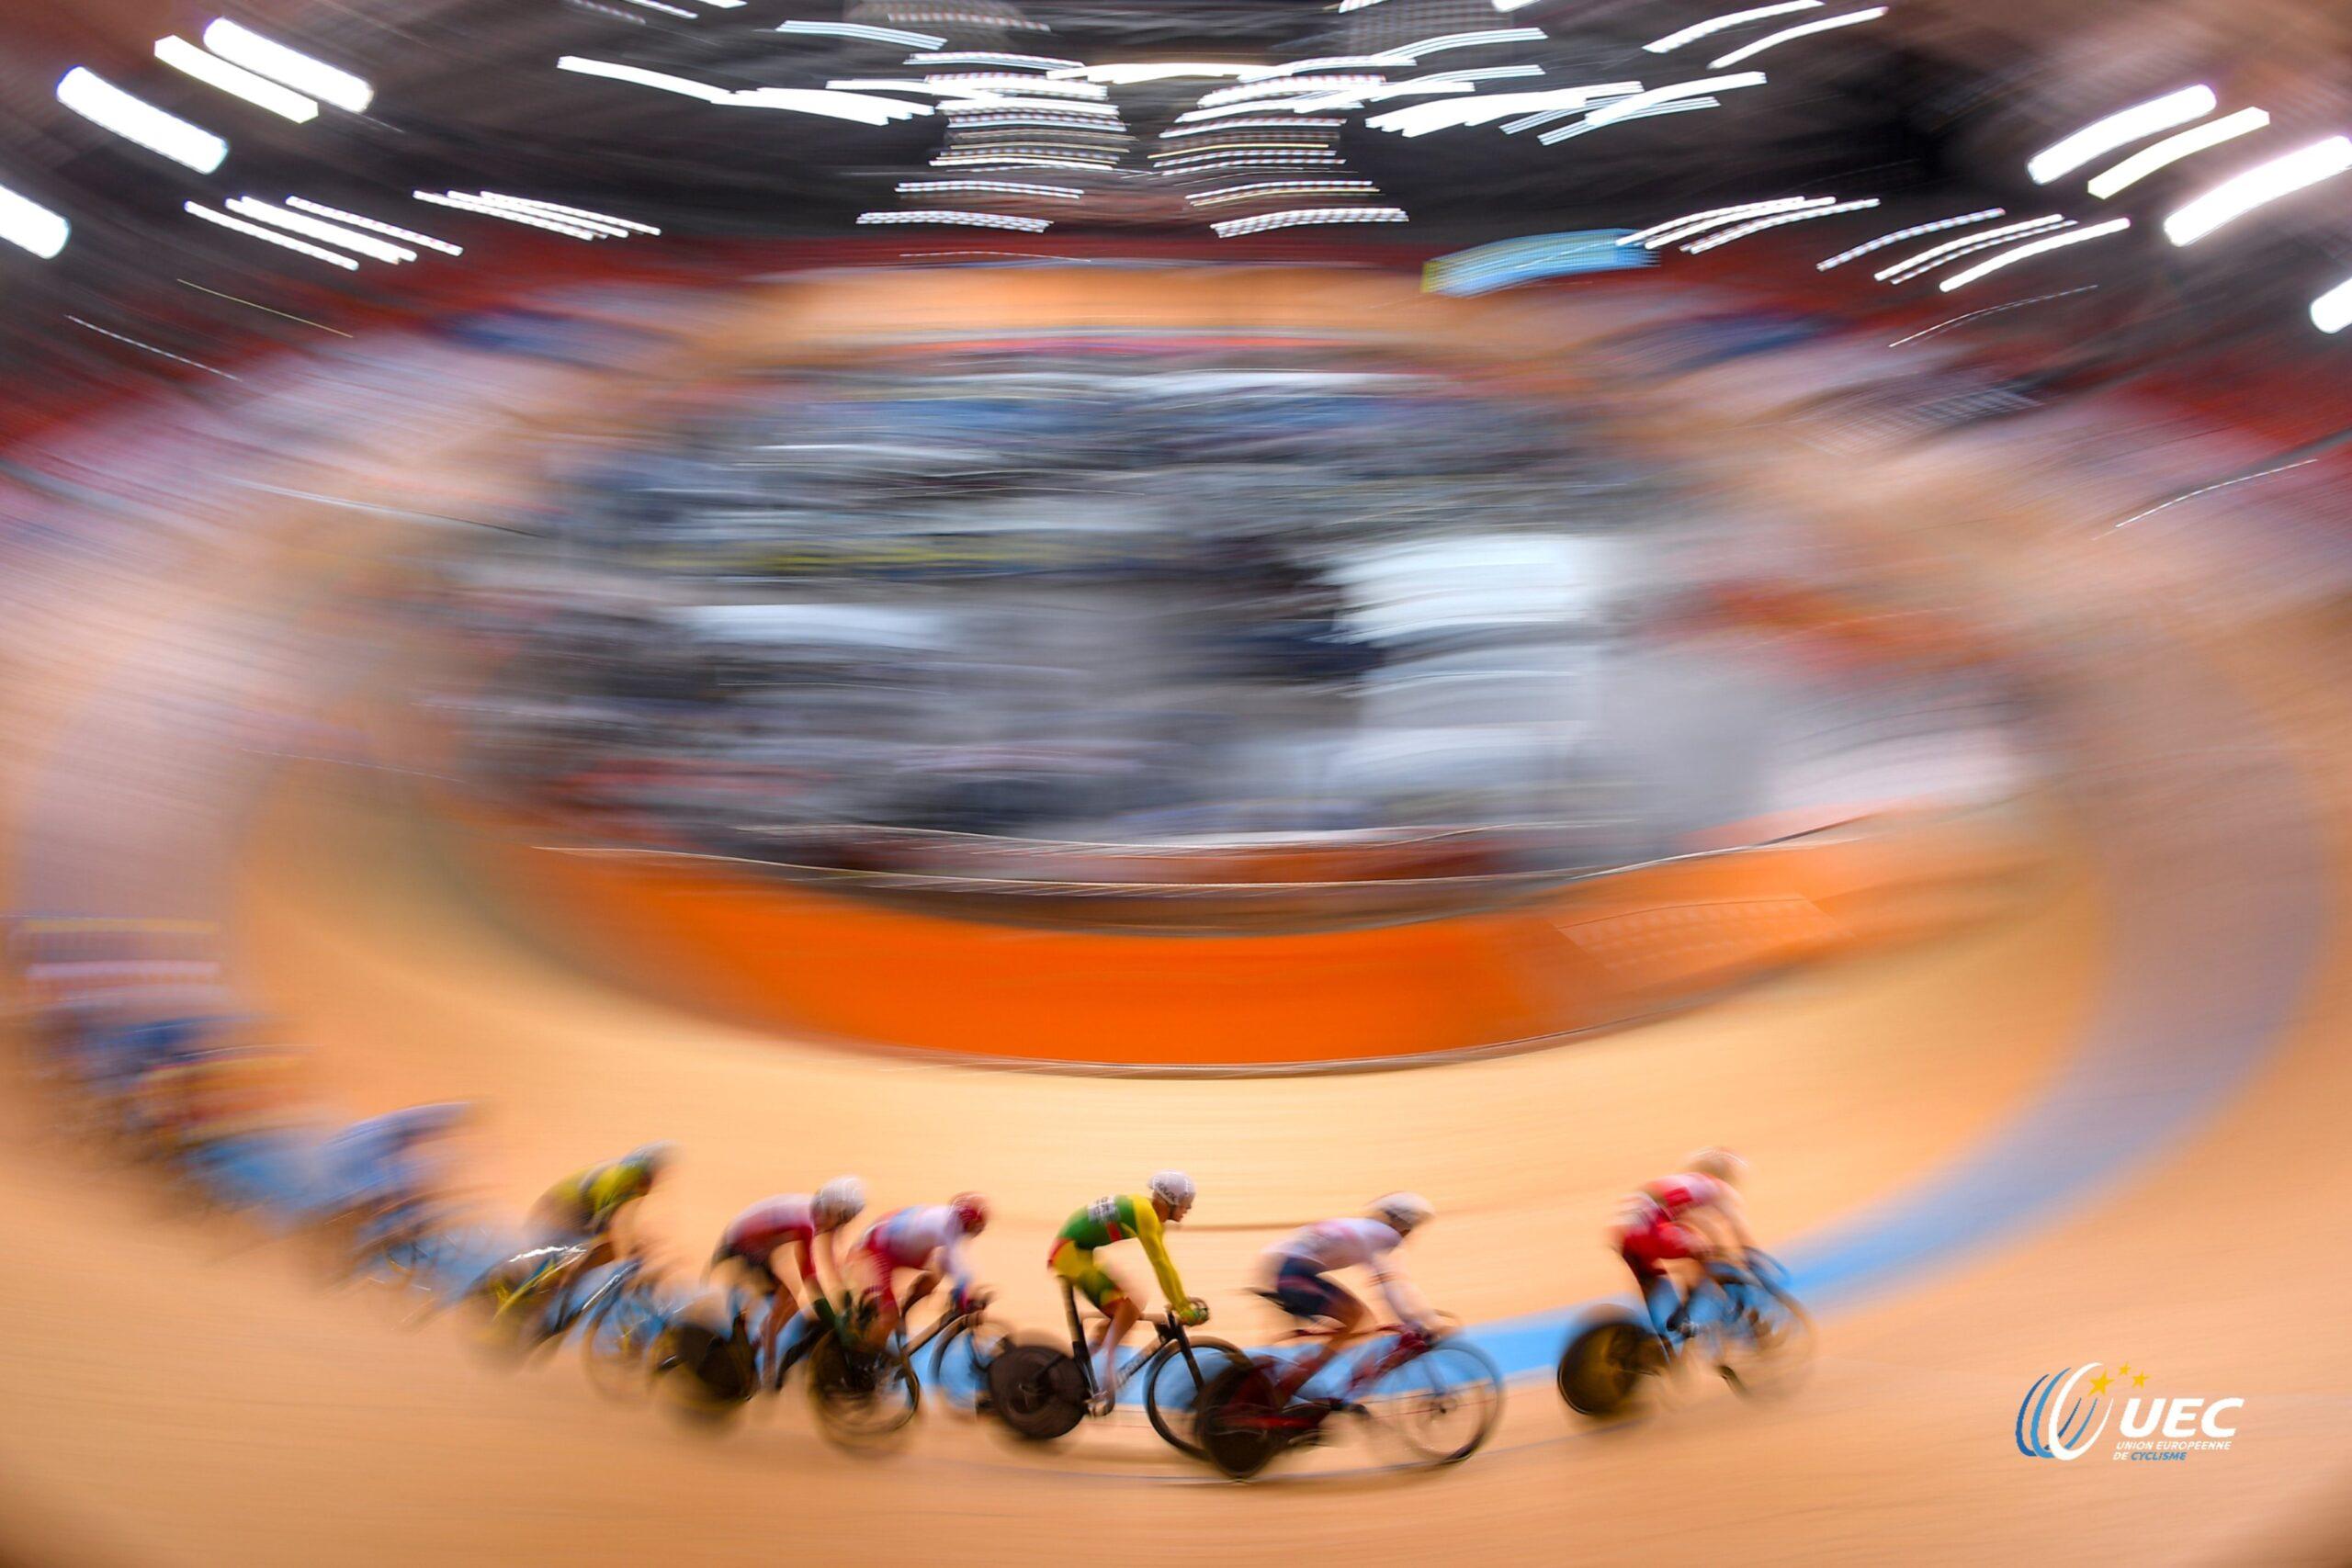 Сборная Германии отказалась ехать в Минск на чемпионат Европы по трековому велоспорту. Чемпионат оказался под угрозой срыва